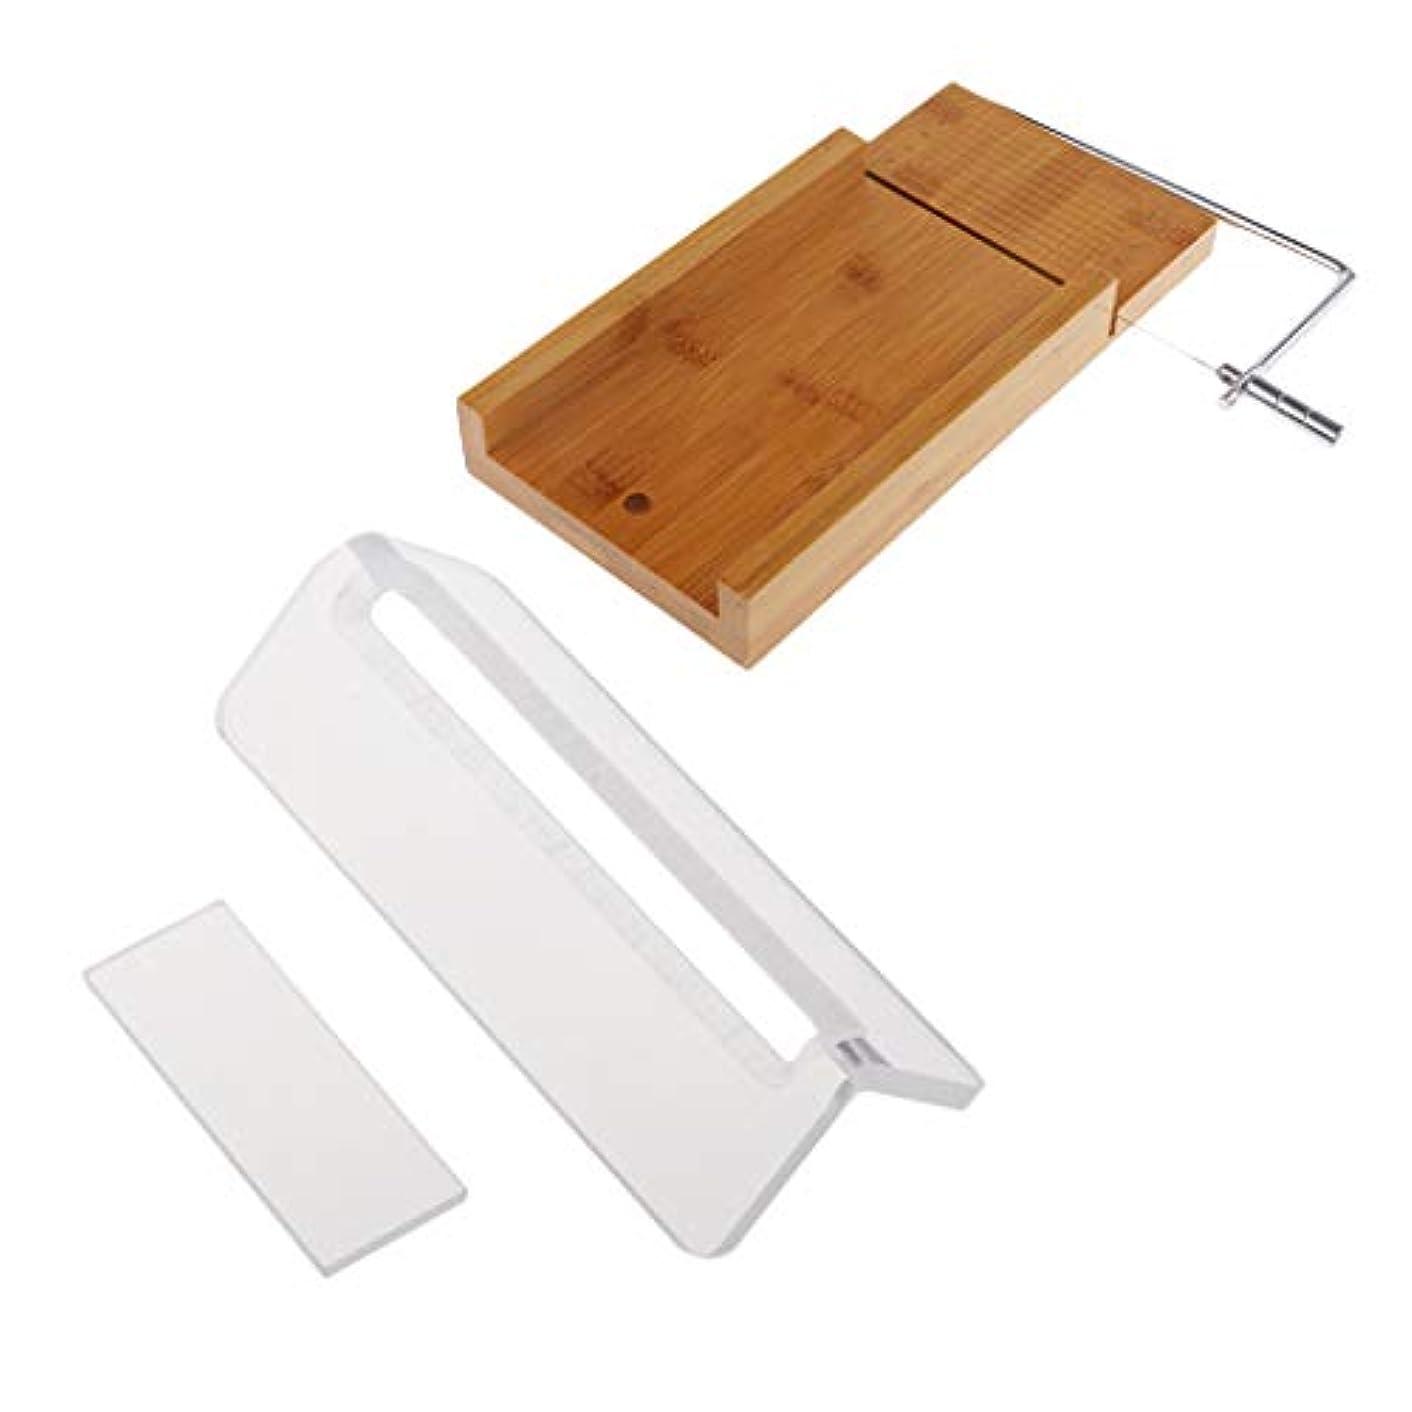 テメリティ原子炉利用可能石鹸カッター 木製 ローフカッター チーズカッター ソープカッター ステンレス鋼線 2個入り